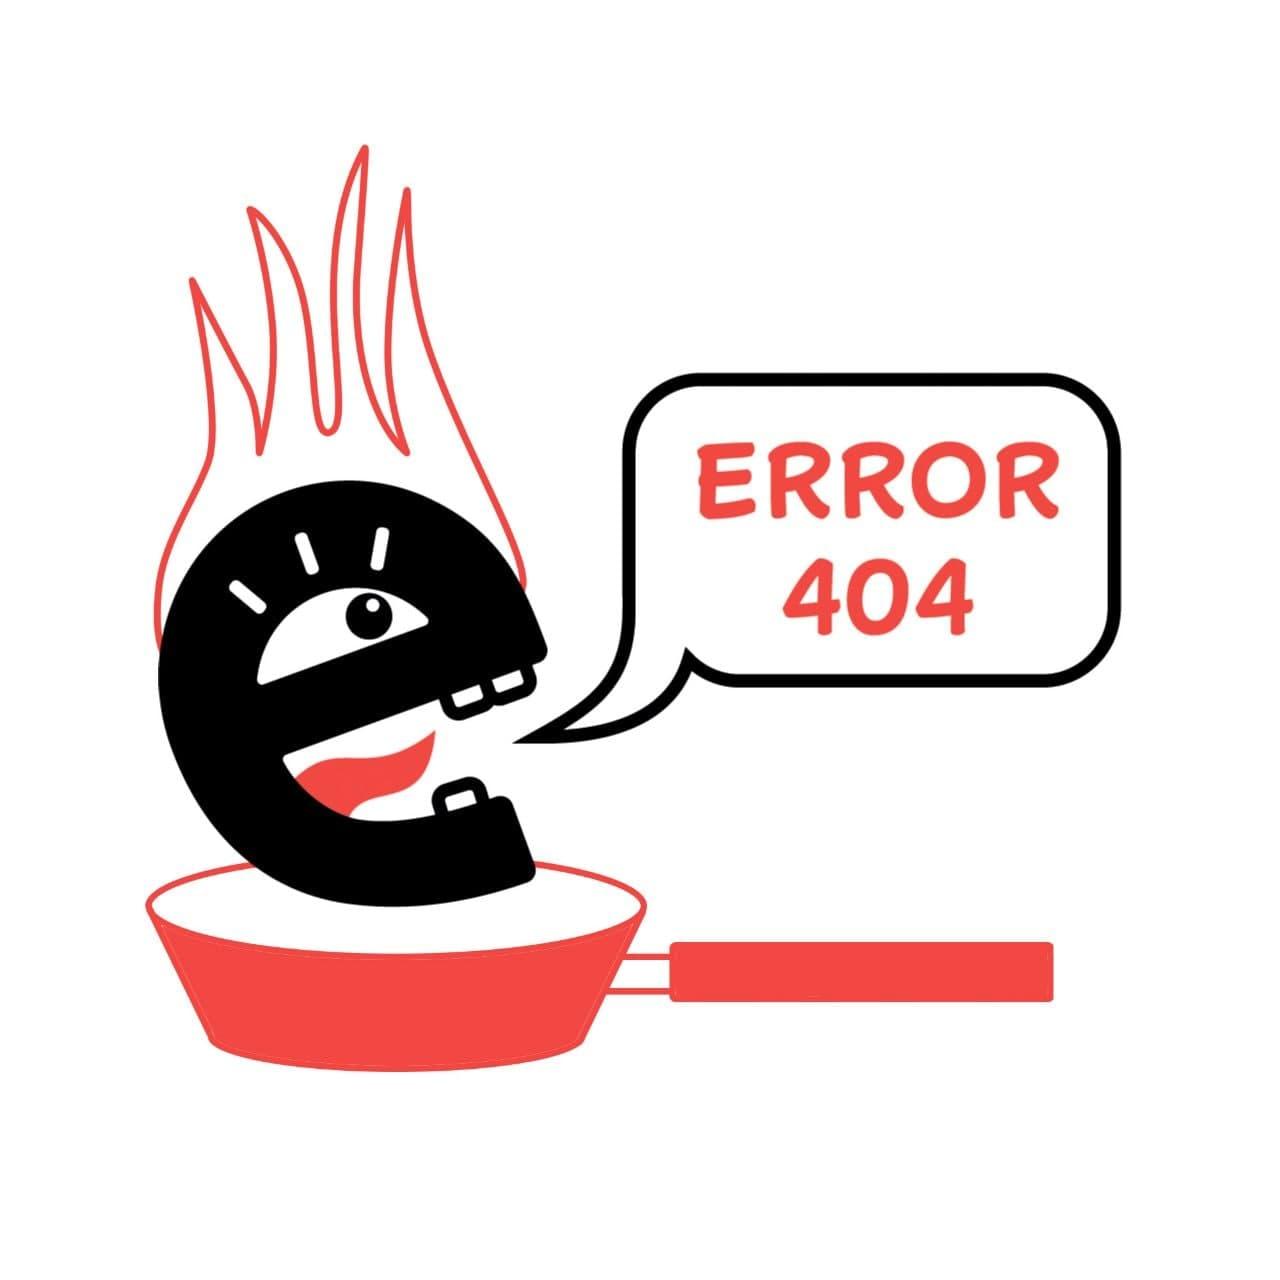 Кирилл Юрич Контентыч. Error 404 - горяченькое.